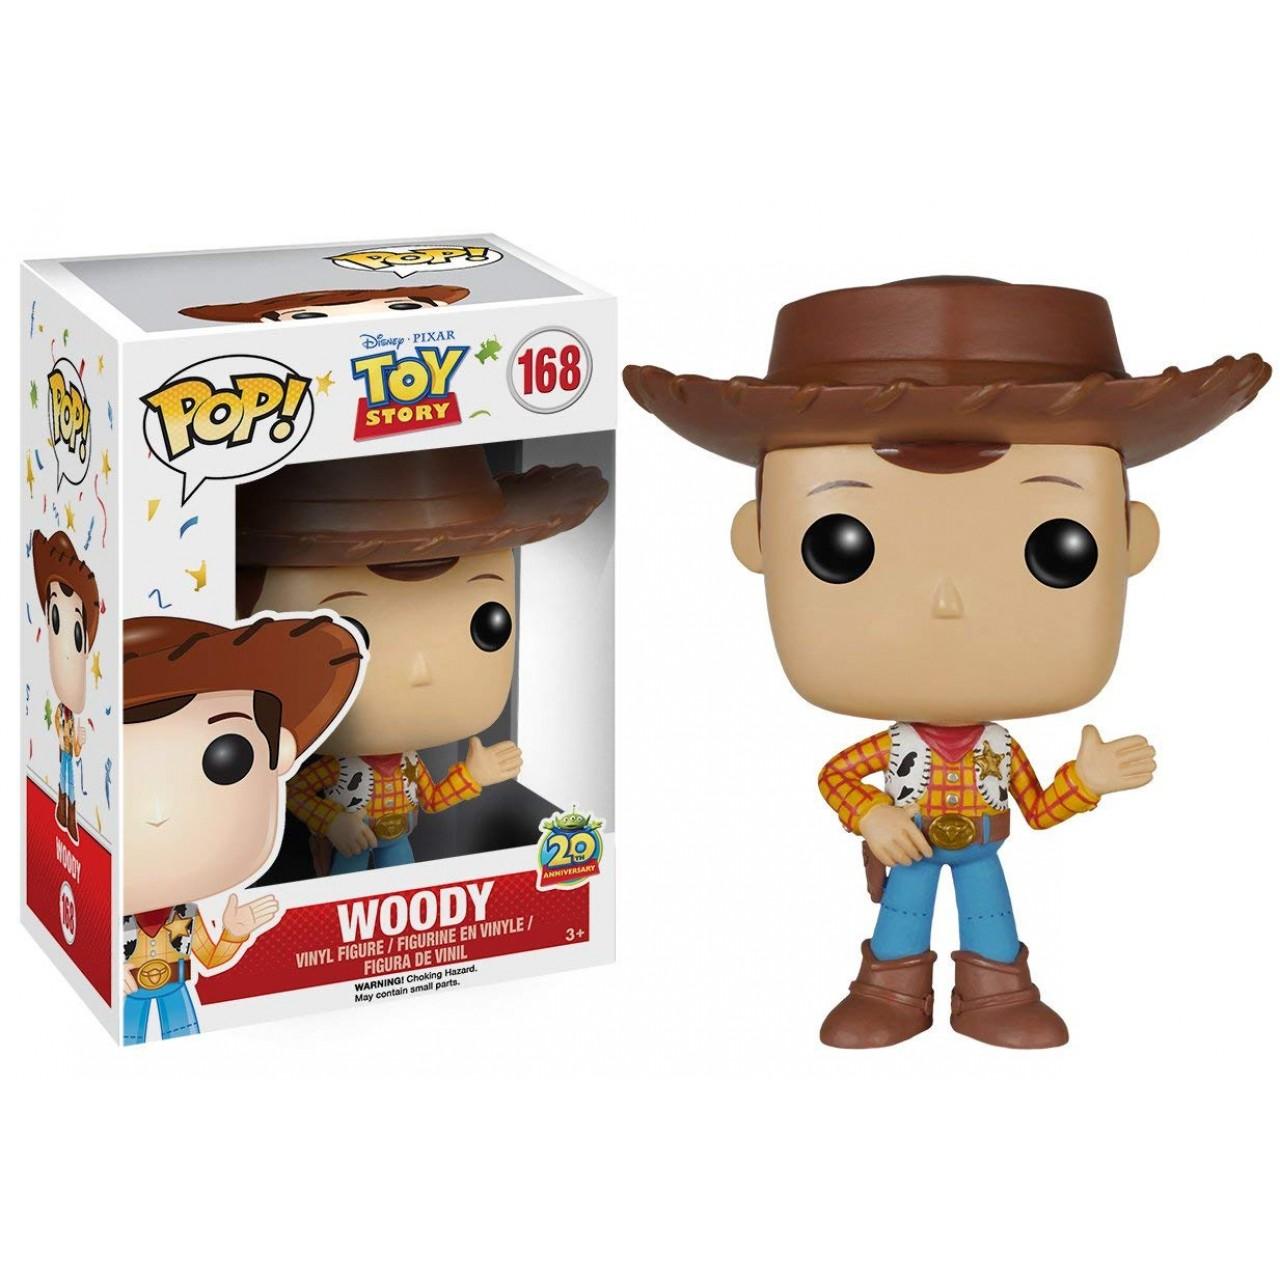 """Фигурка Funko Pop Дисней """"История игрушек"""": Ковбой Вуди (6877) #168 Toy Story Disney Woody"""